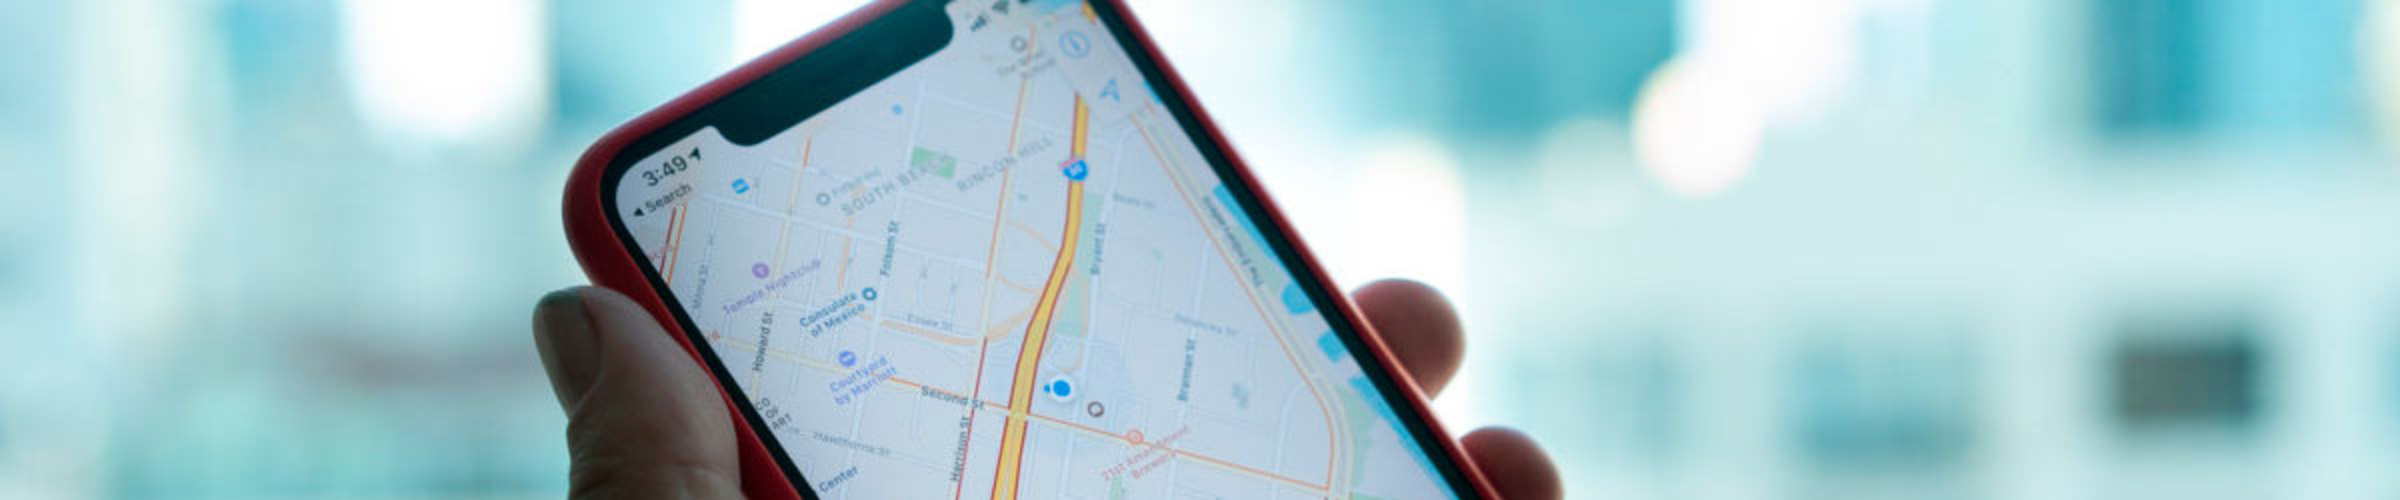 Как изменить геолокацию на iPhone: инструкция от А до Я